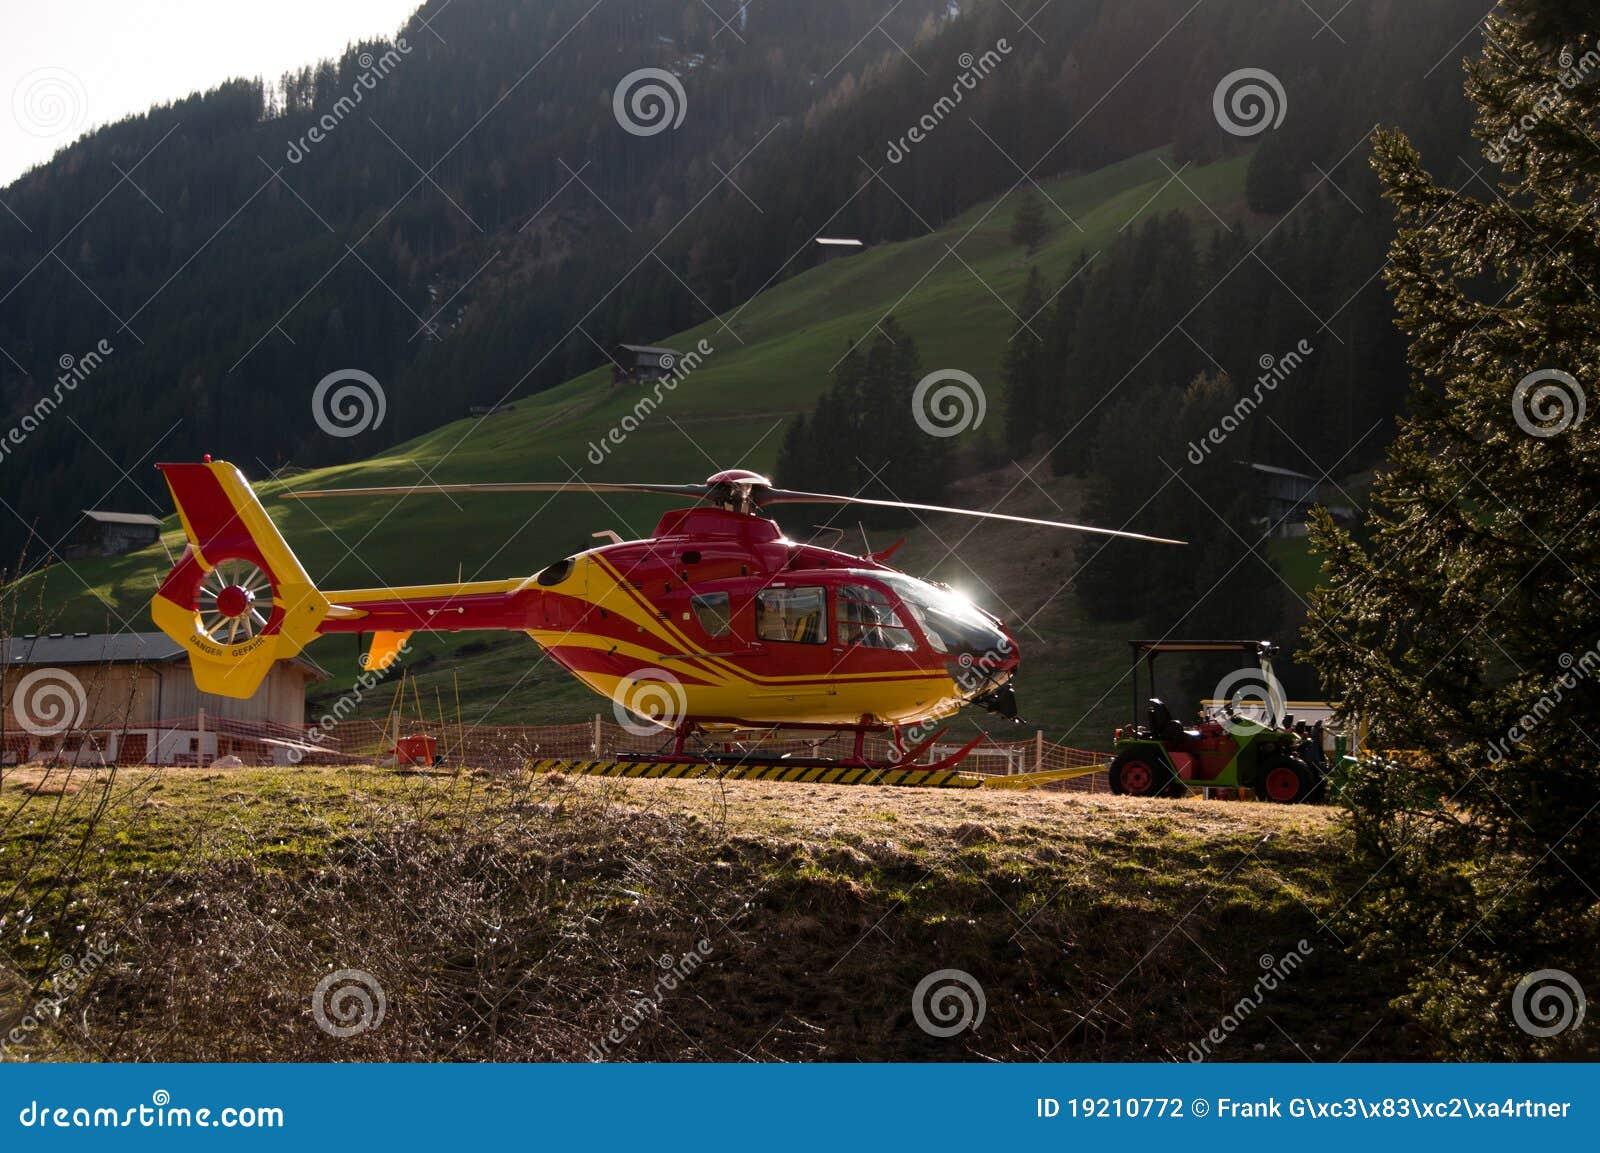 Fond h licopt re jaune et rouge au hangar - Helicoptere jaune et rouge ...